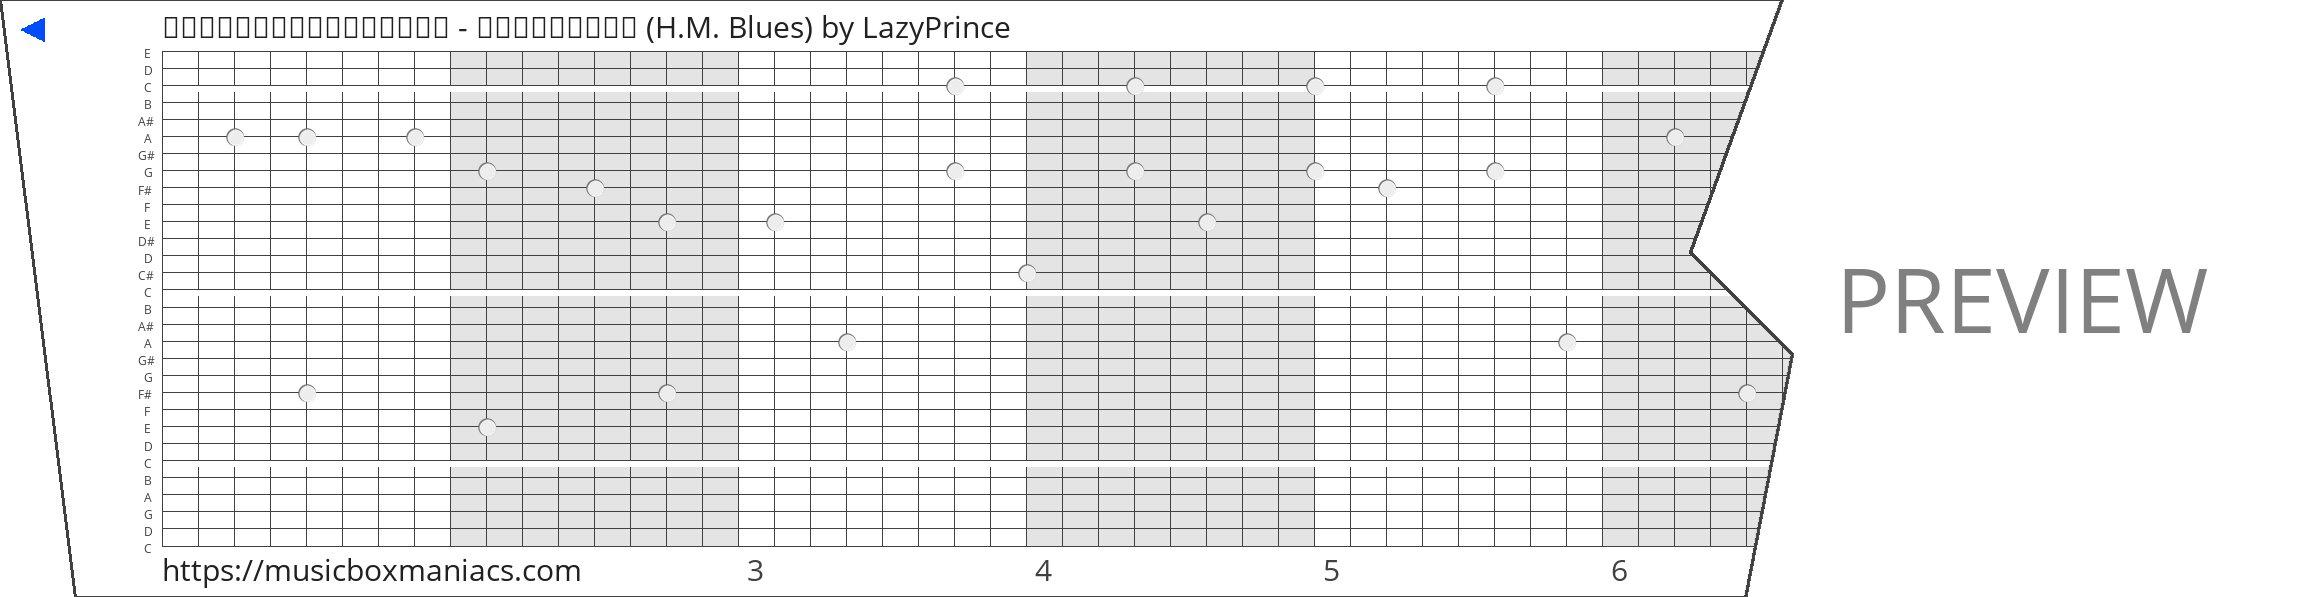 เพลงพระราชนิพนธ์ - ชะตาชีวิต (H.M. Blues) 30 note music box paper strip